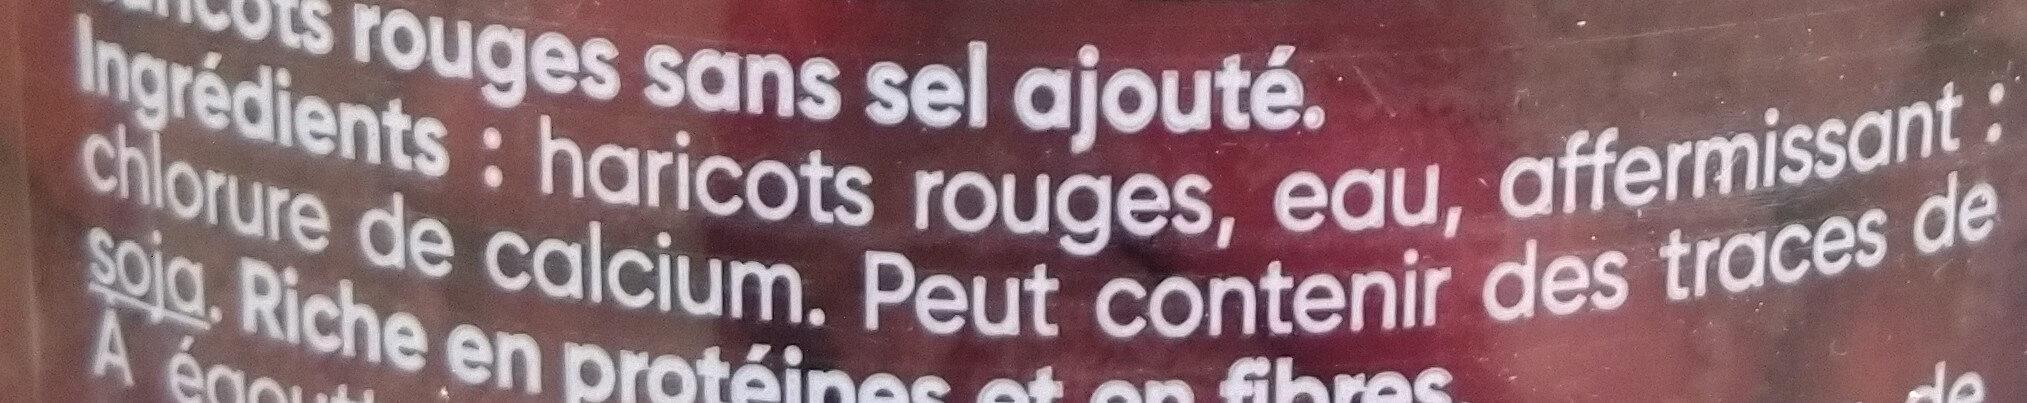 BIEN CULTIVES Haricots rouges - Ingrédients - fr